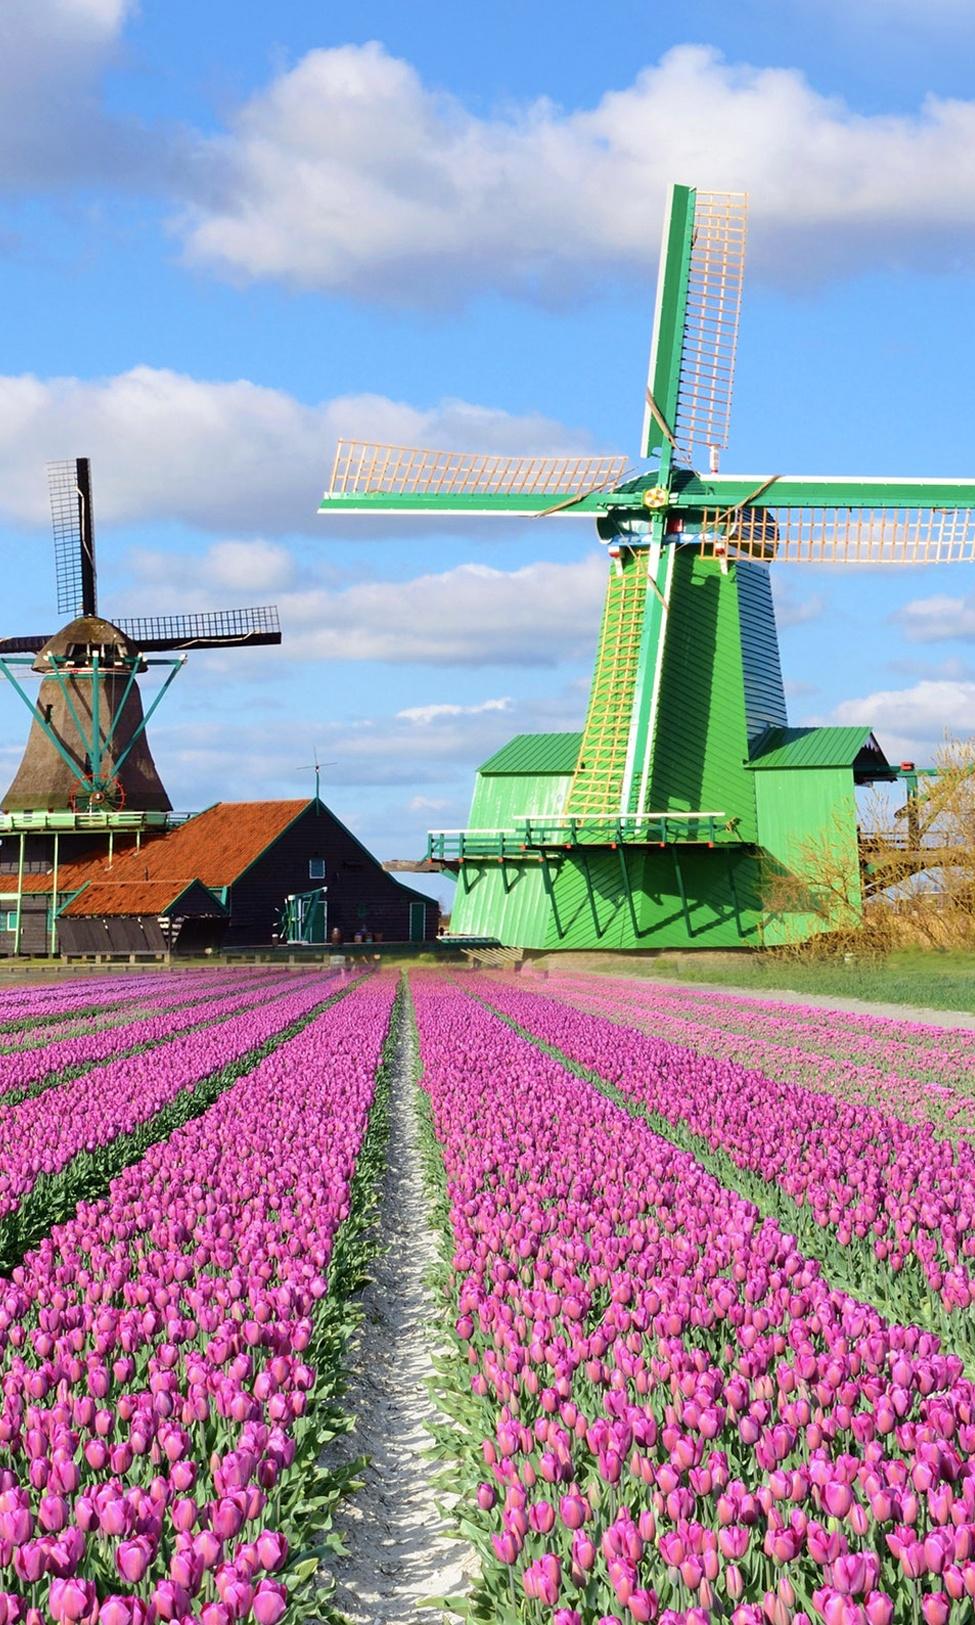 touristrunamsterdam windmill